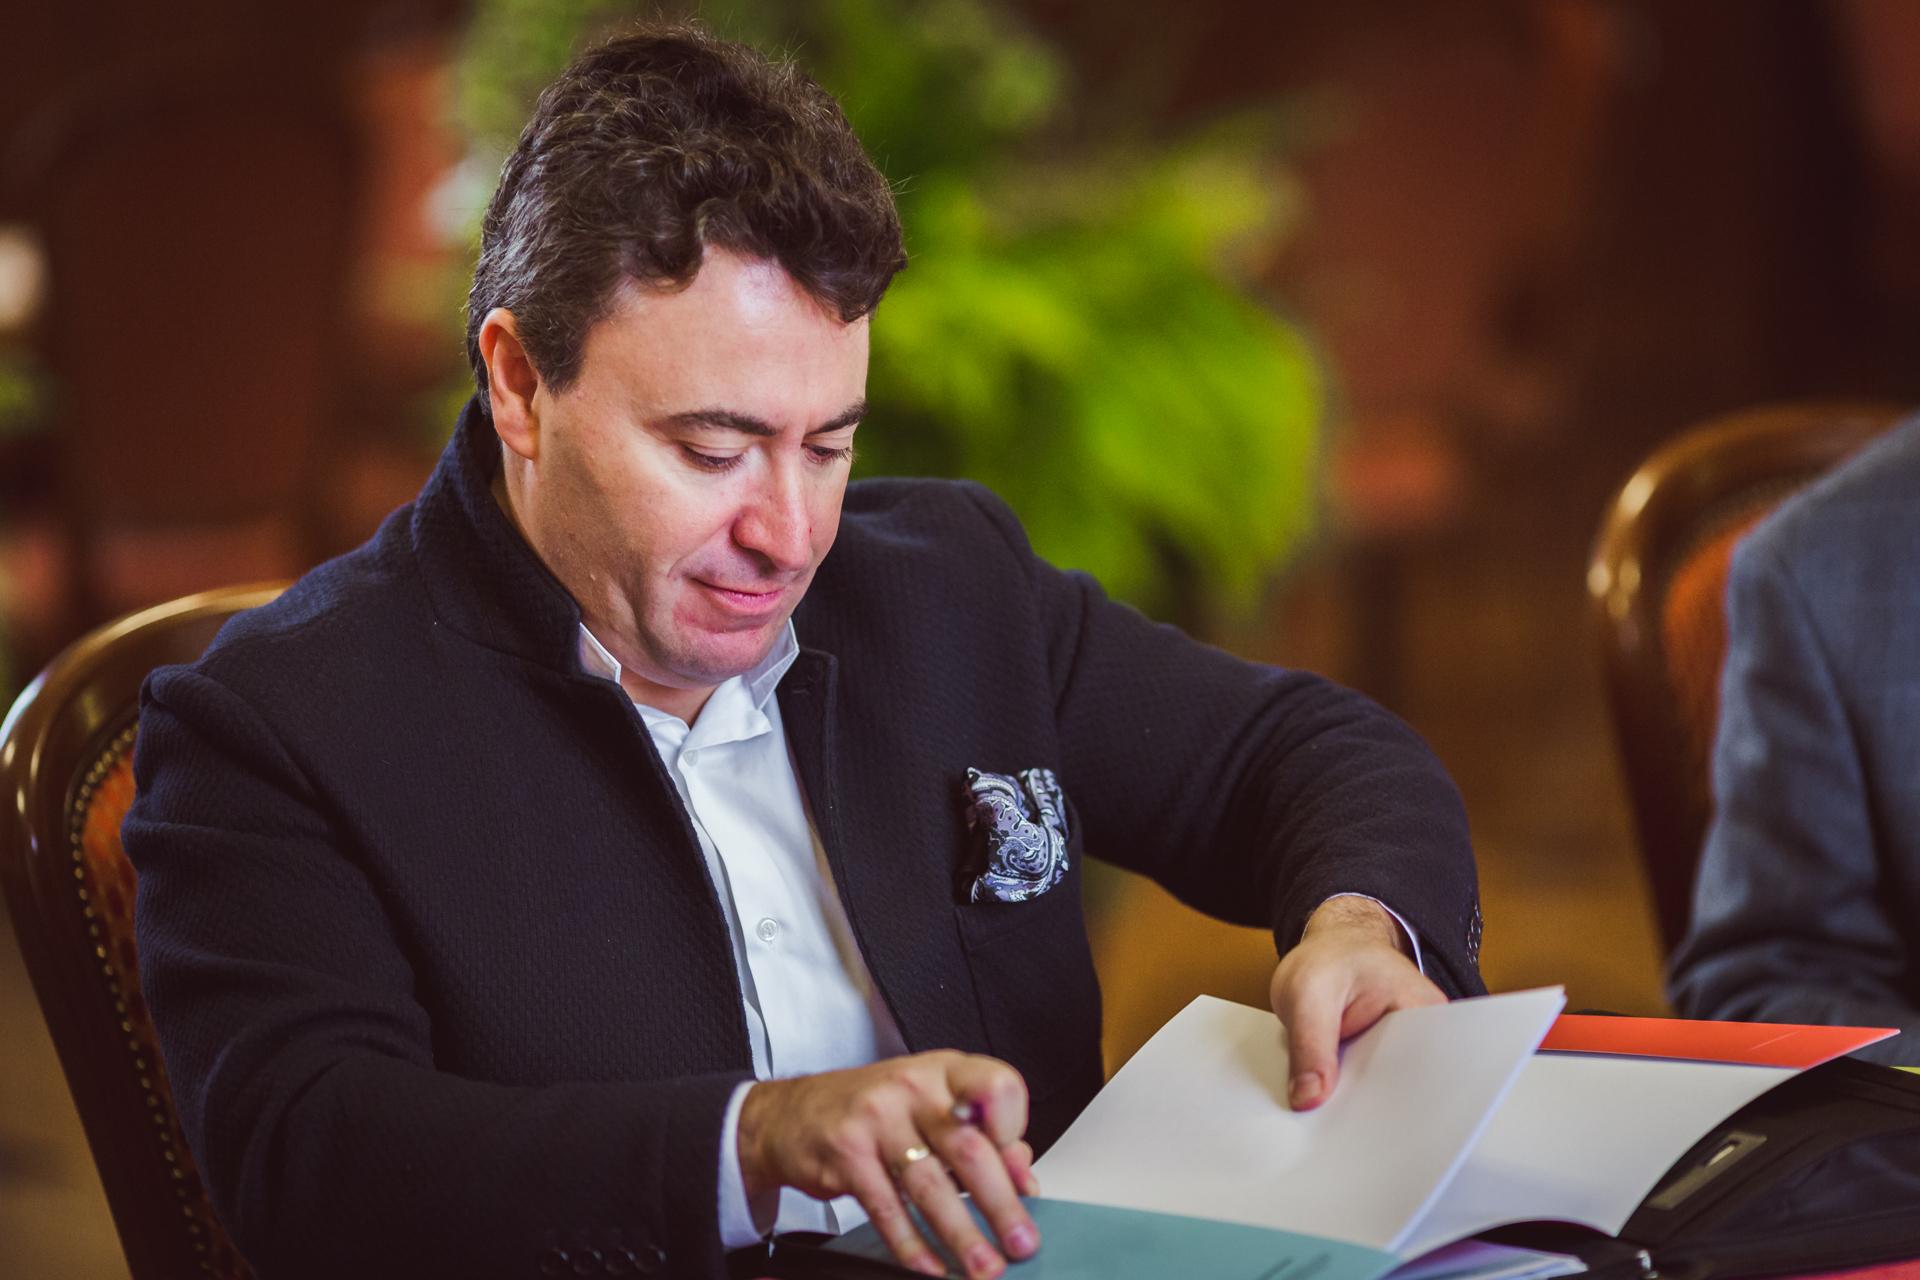 RR Studio. Maxim Vengerov - Przewodniczący Jury